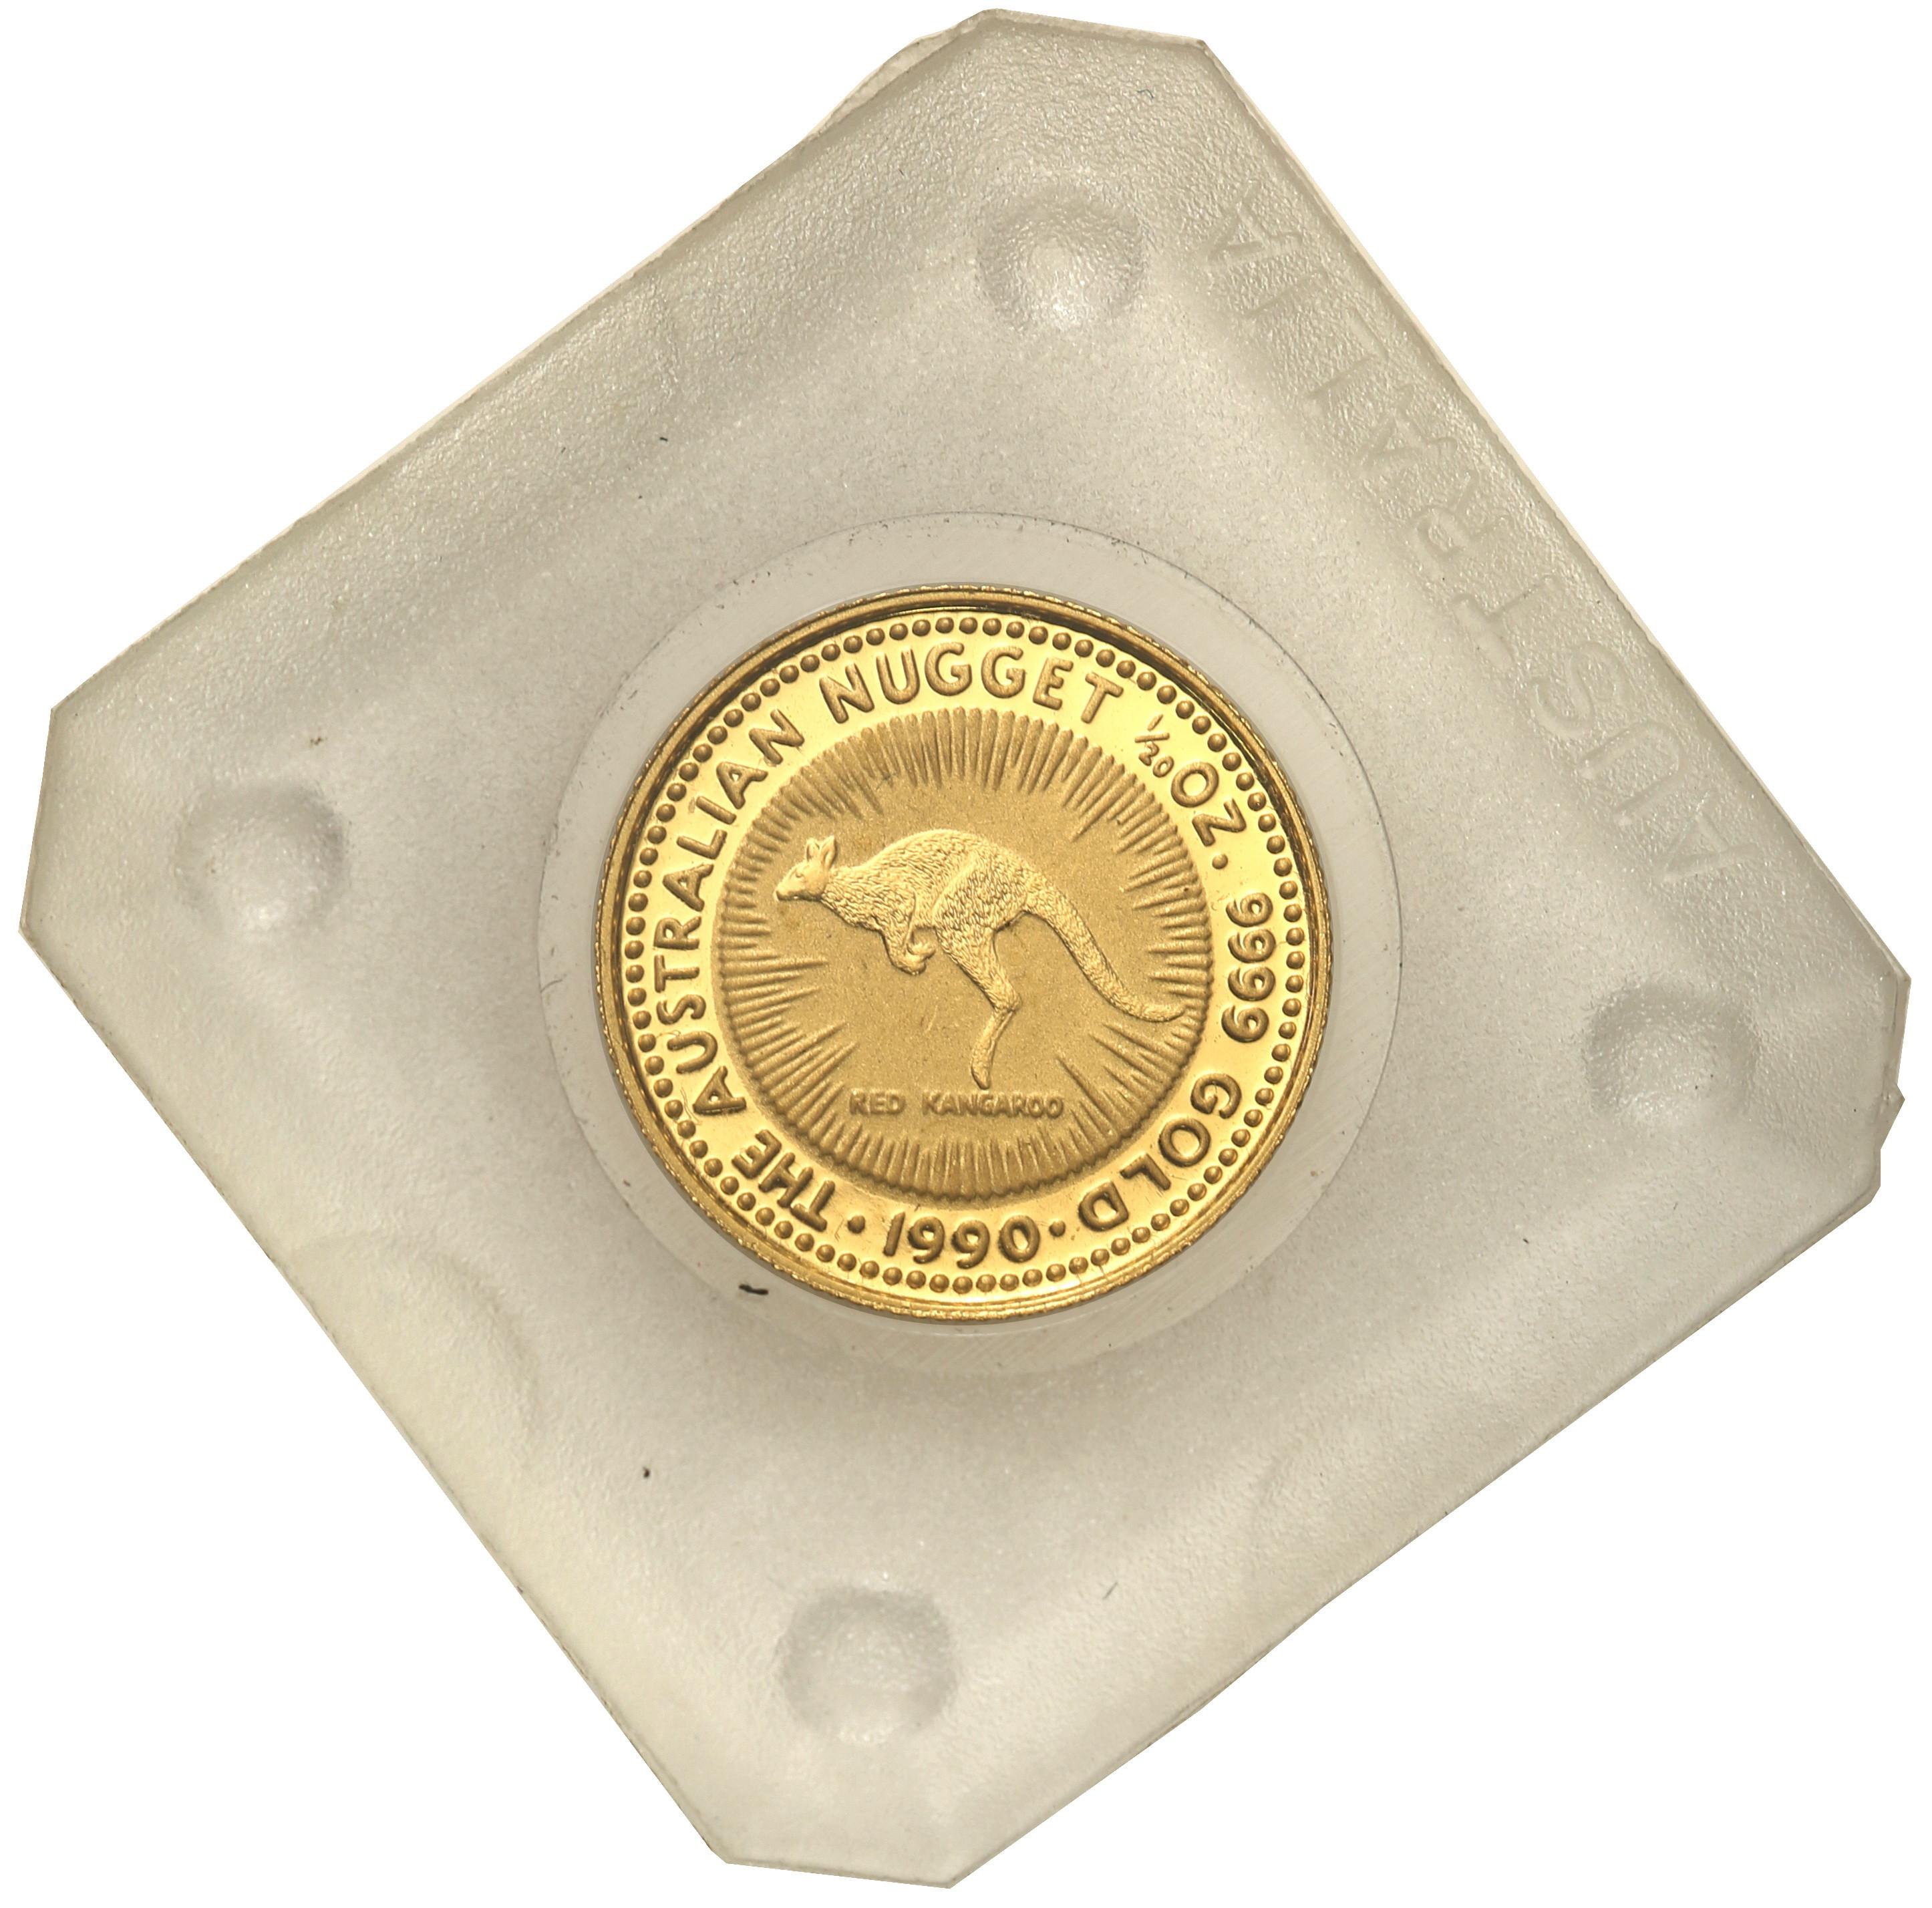 Australia. Elżbieta II 15 Dolarów 1990 kangur st.L – 1/10 uncji złota